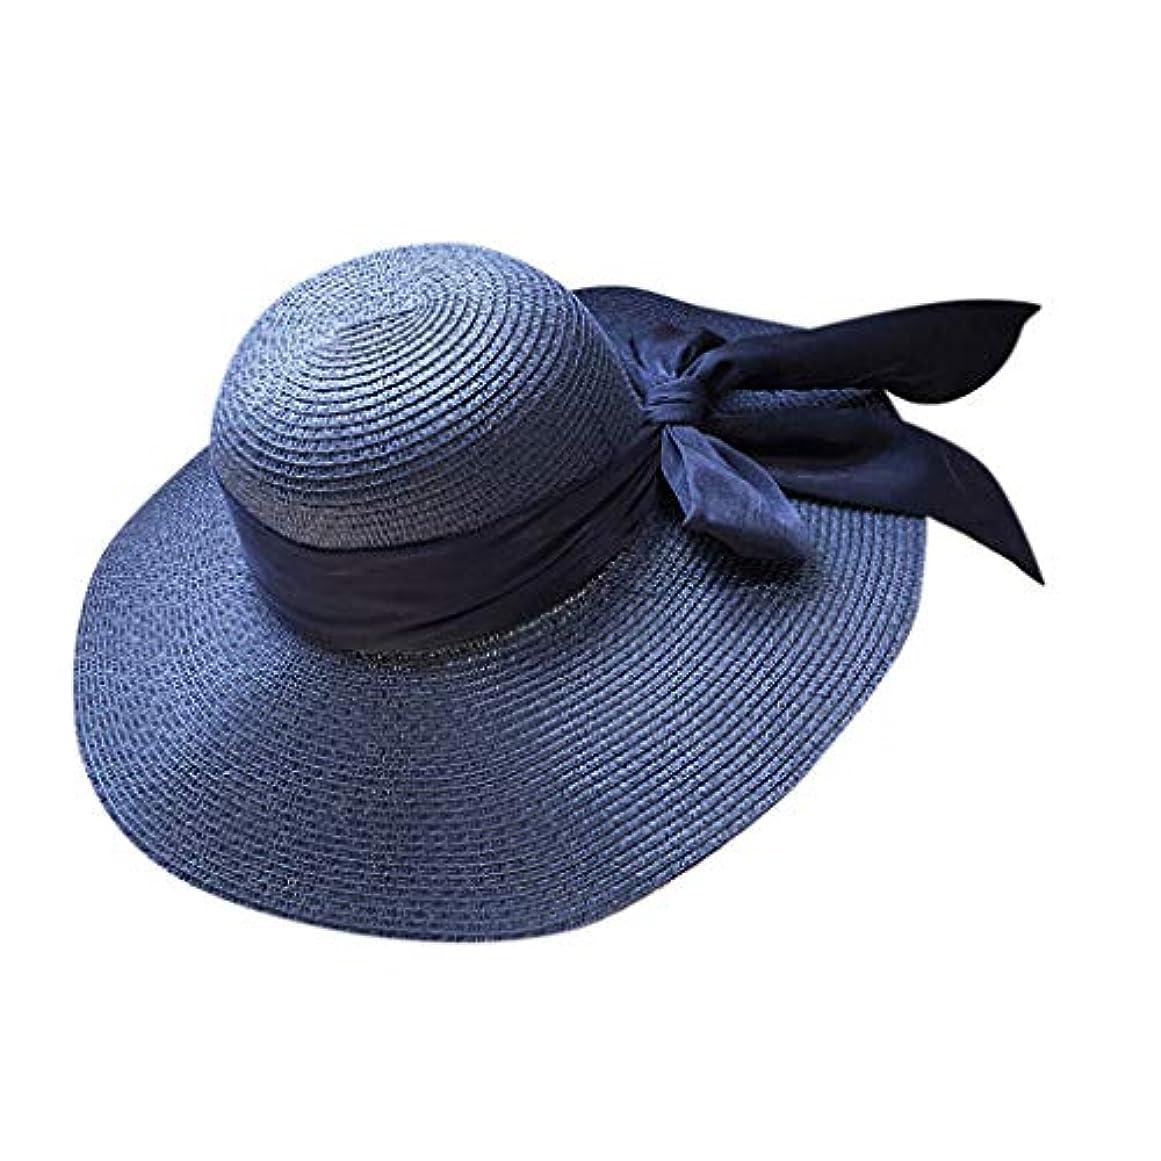 アッティカスペルセウス後退する帽子 レディース UVカット 麦わら帽子 可愛い 小顔効果抜群 日よけ 折りたたみ つば広 帽子 サイズ調整 テープ ハット レディース 帽子 日よけ帽子 防晒帽 ビーチ 旅行用 日よけ 日射し 海 夏季 ROSE ROMAN